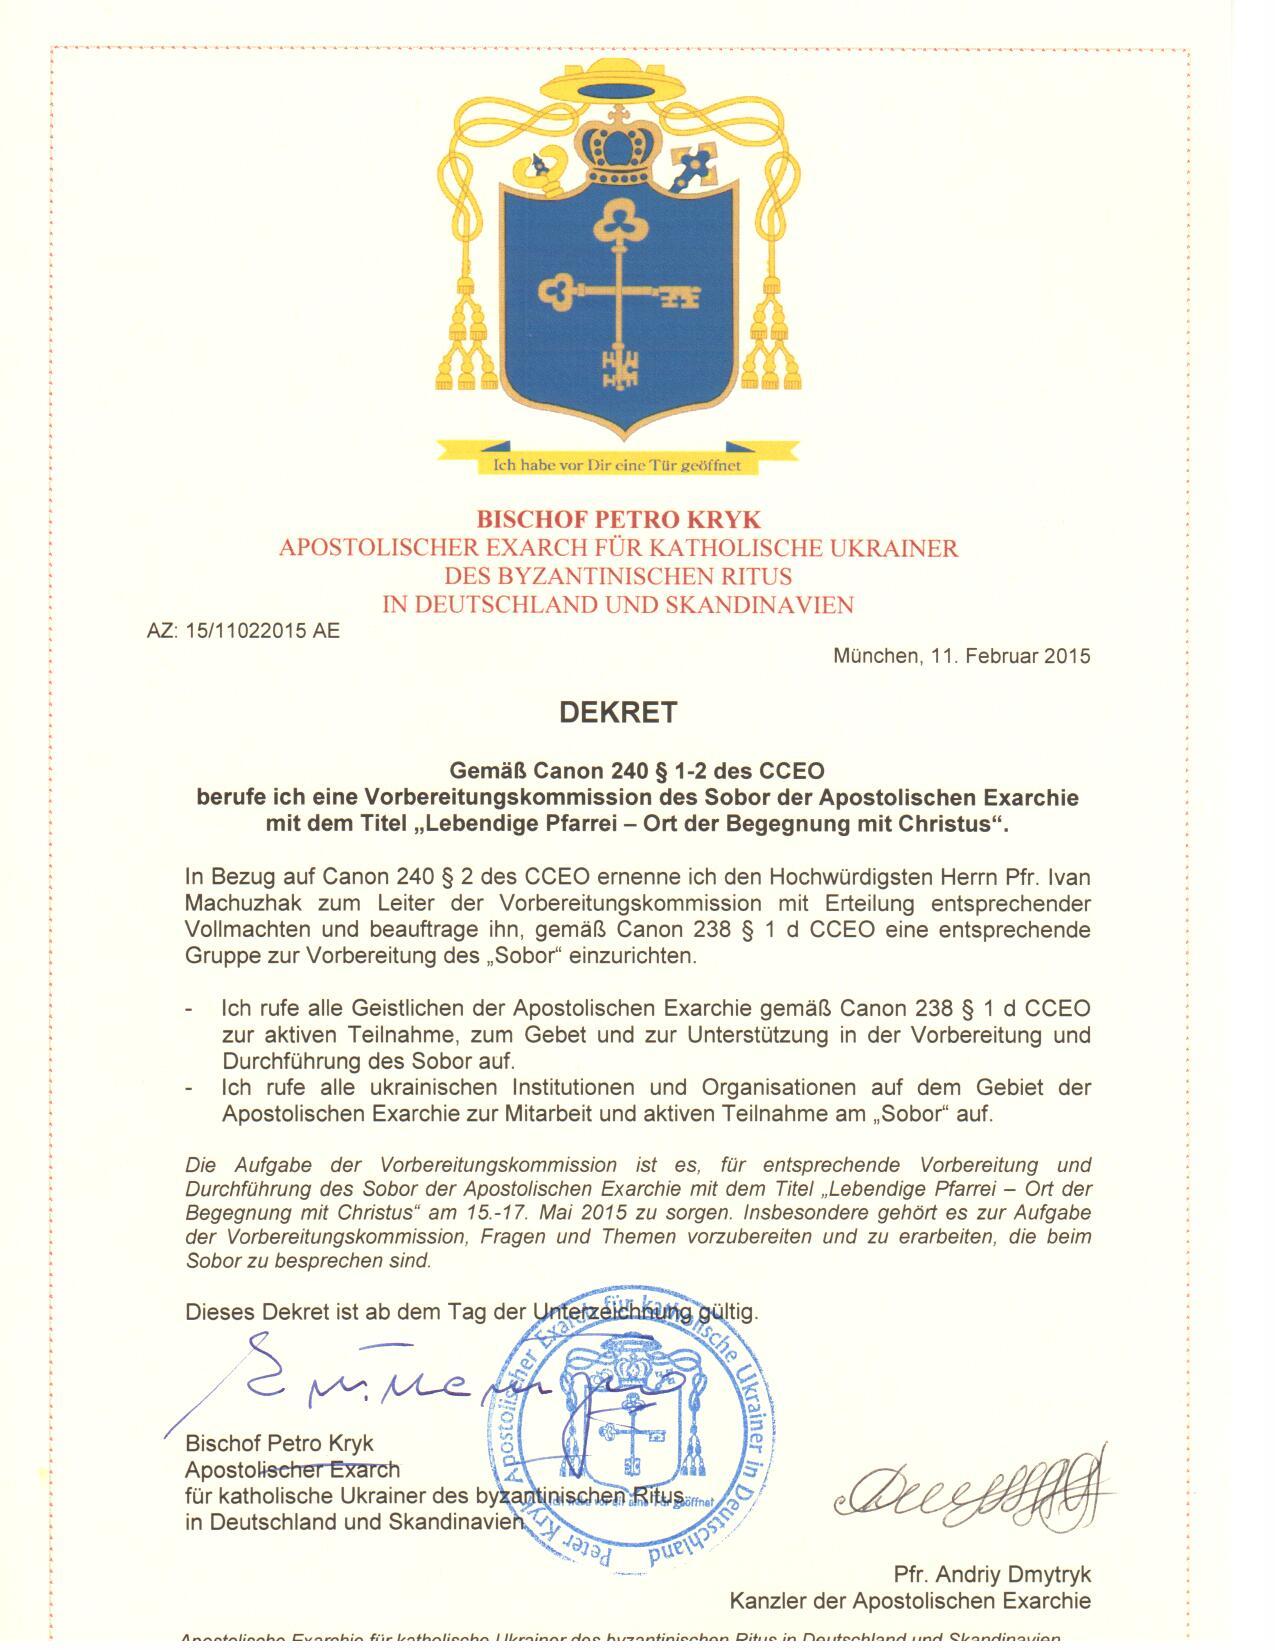 Dekret-Vorbereitungskom zum Sobor d.AE-de